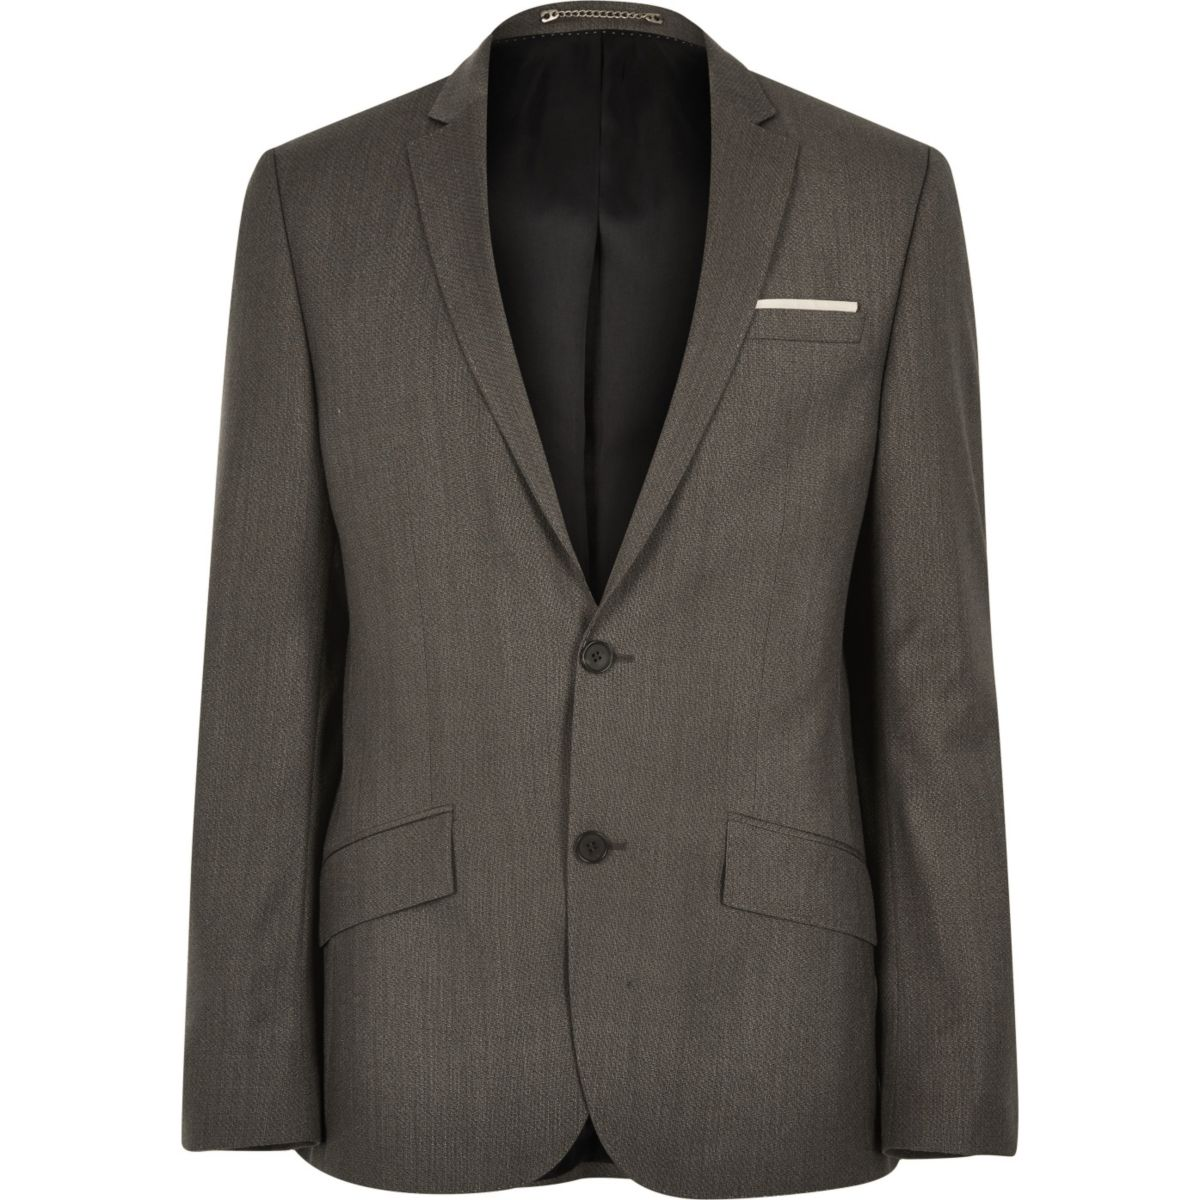 Veste de costume en laine marron de qualité supérieure